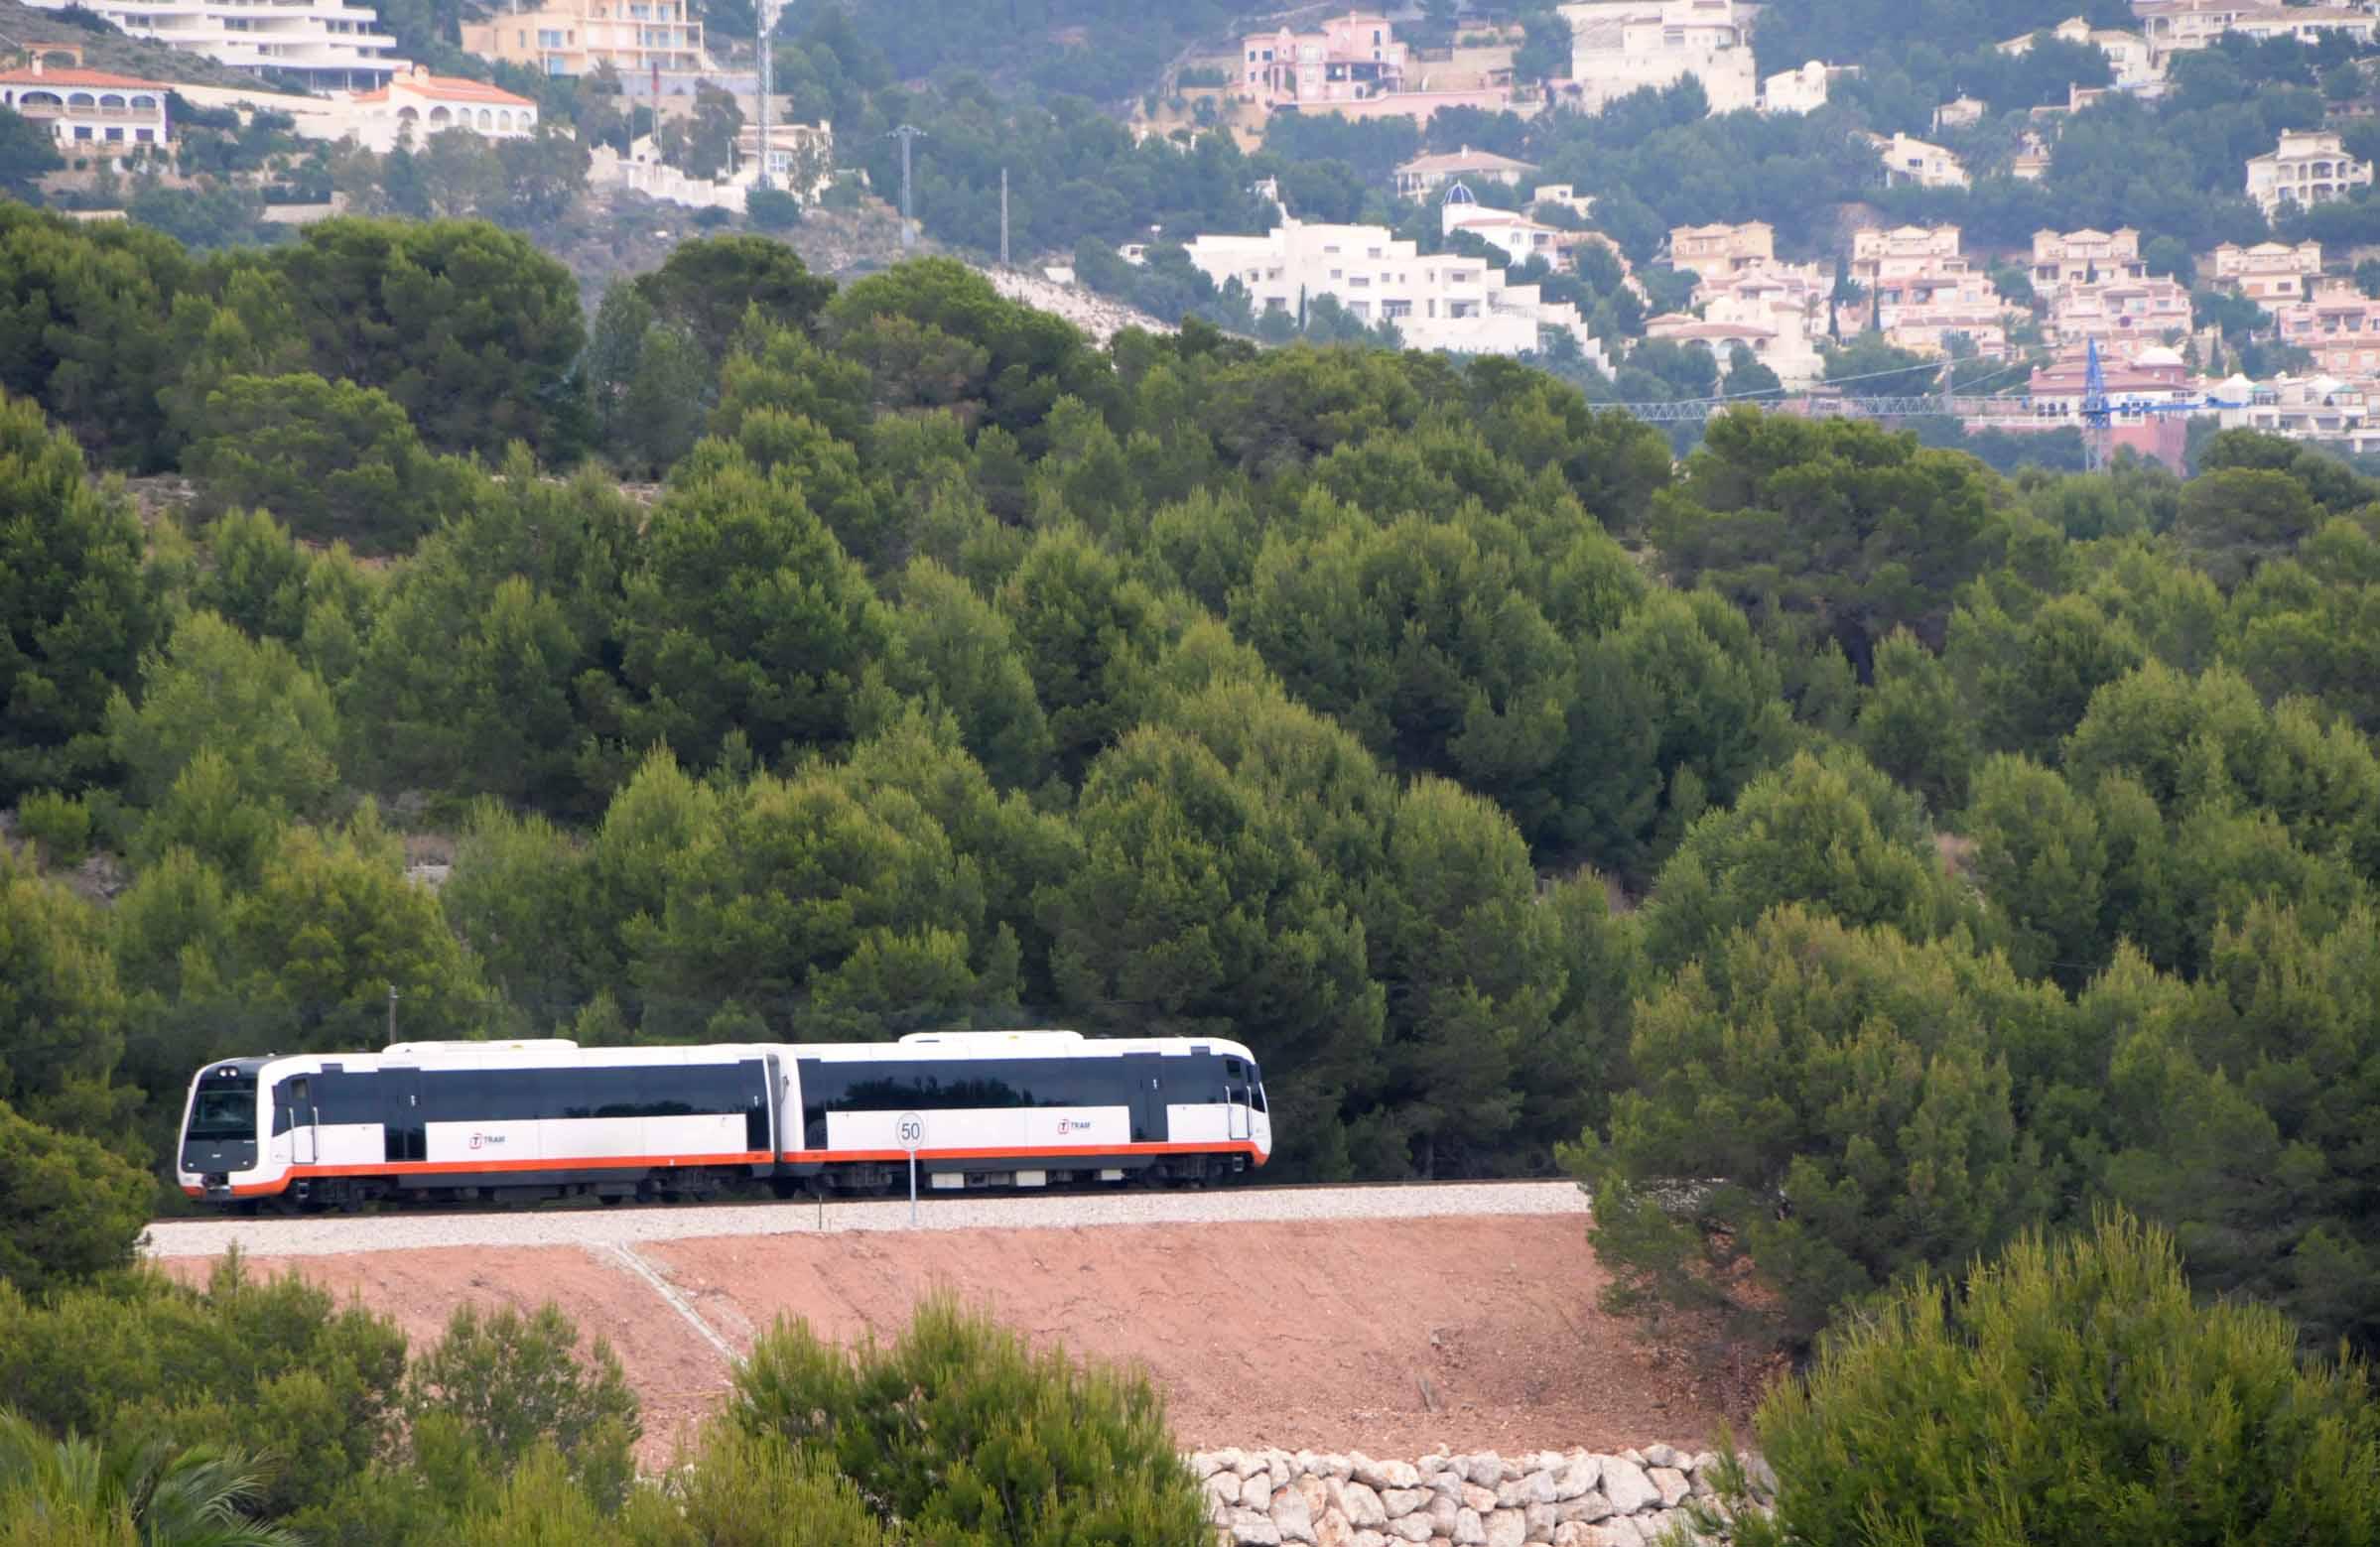 """Ferrocarrils de la Generalitat estudia la aplicación del hidrógeno verde en la Línea 9 del TRAM d""""Alacant y en la mejora de la eficiencia energética"""